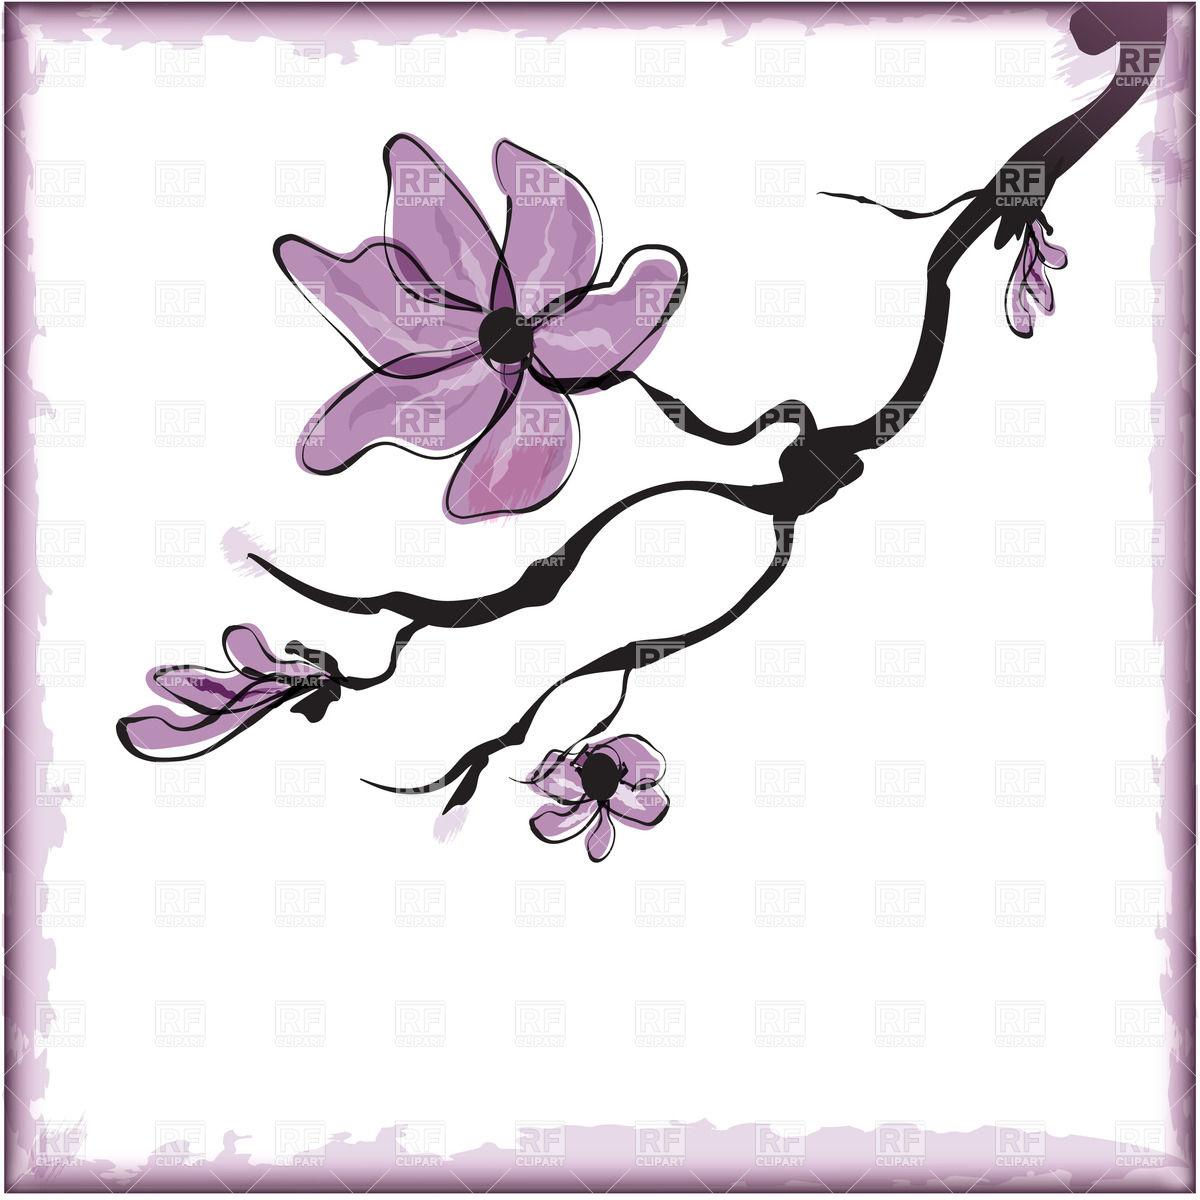 1200x1200 Cherry Blossom ,sakura Flower Vector Image Vector Artwork Of